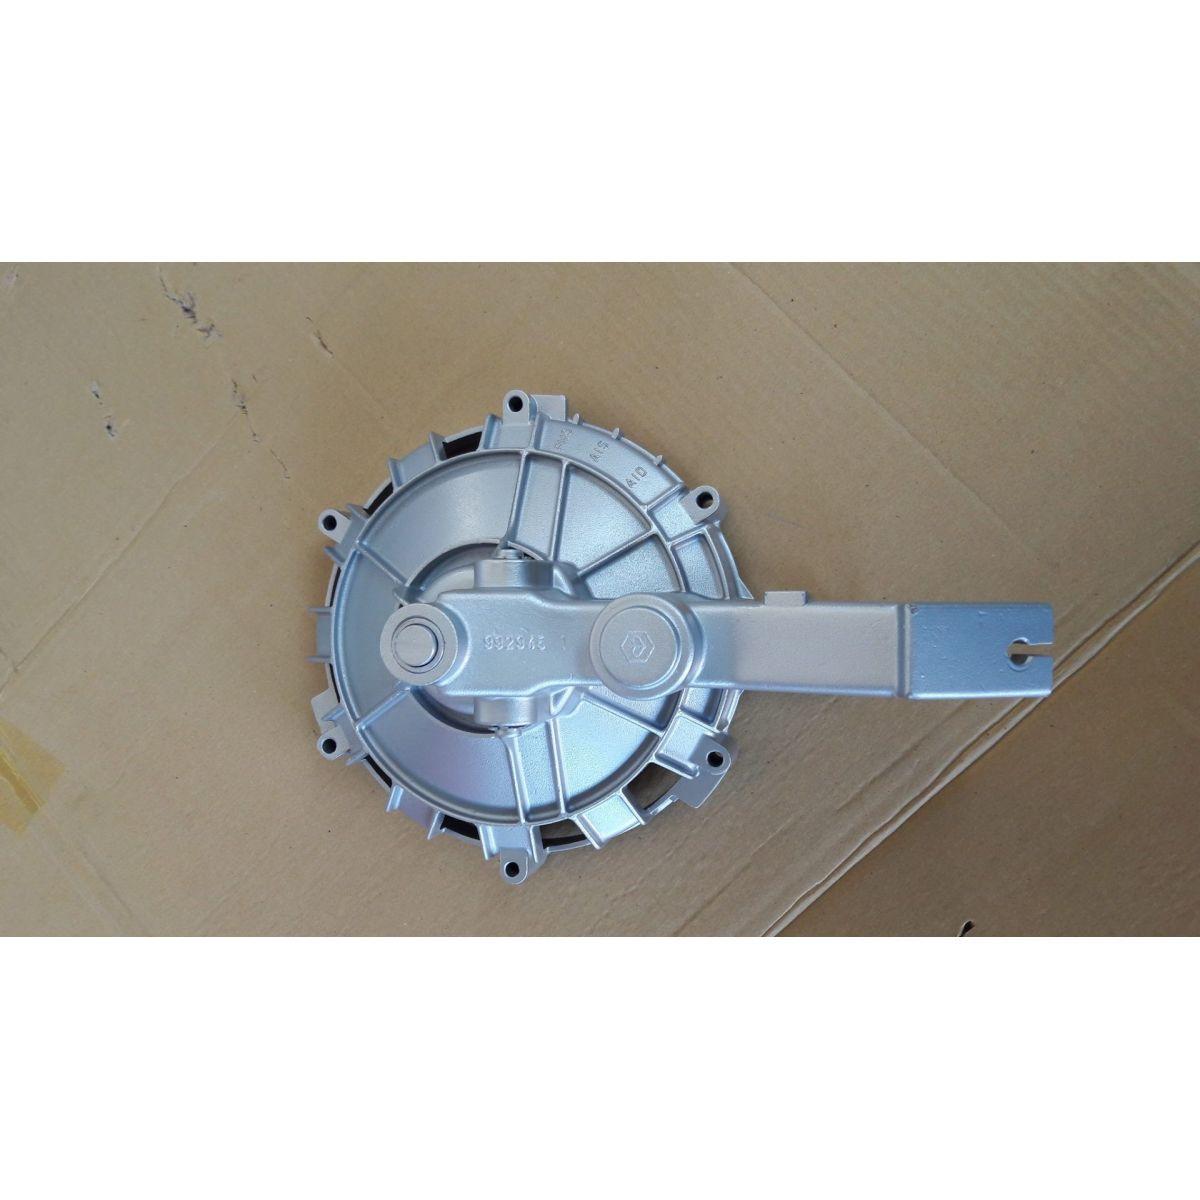 Coperchio frizione motore Piaggio diesel